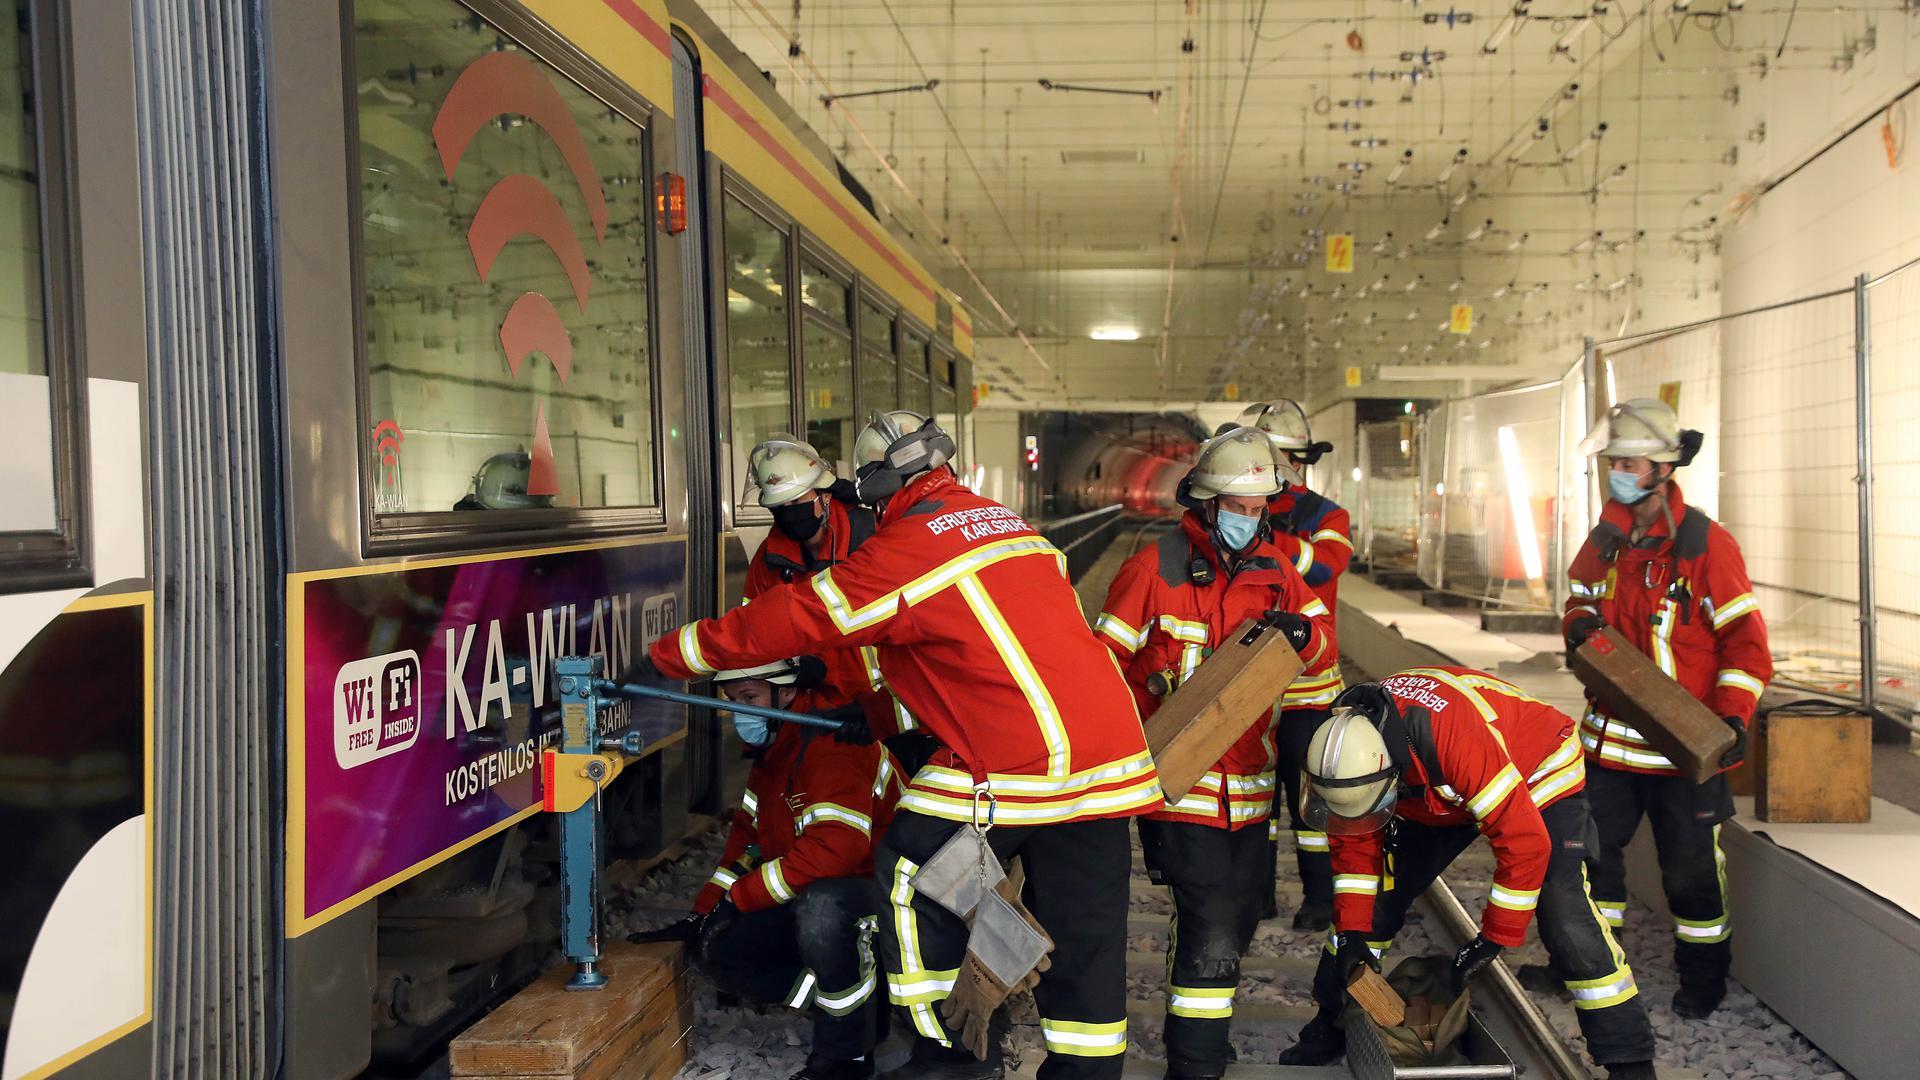 Im Tunneleinsatz: Die Feuerwehrleute befreien bei einer Übung in der U-Strab-Station Marktplatz eine Puppe, die unter dem Niederflurwagen eingeklemmt ist.